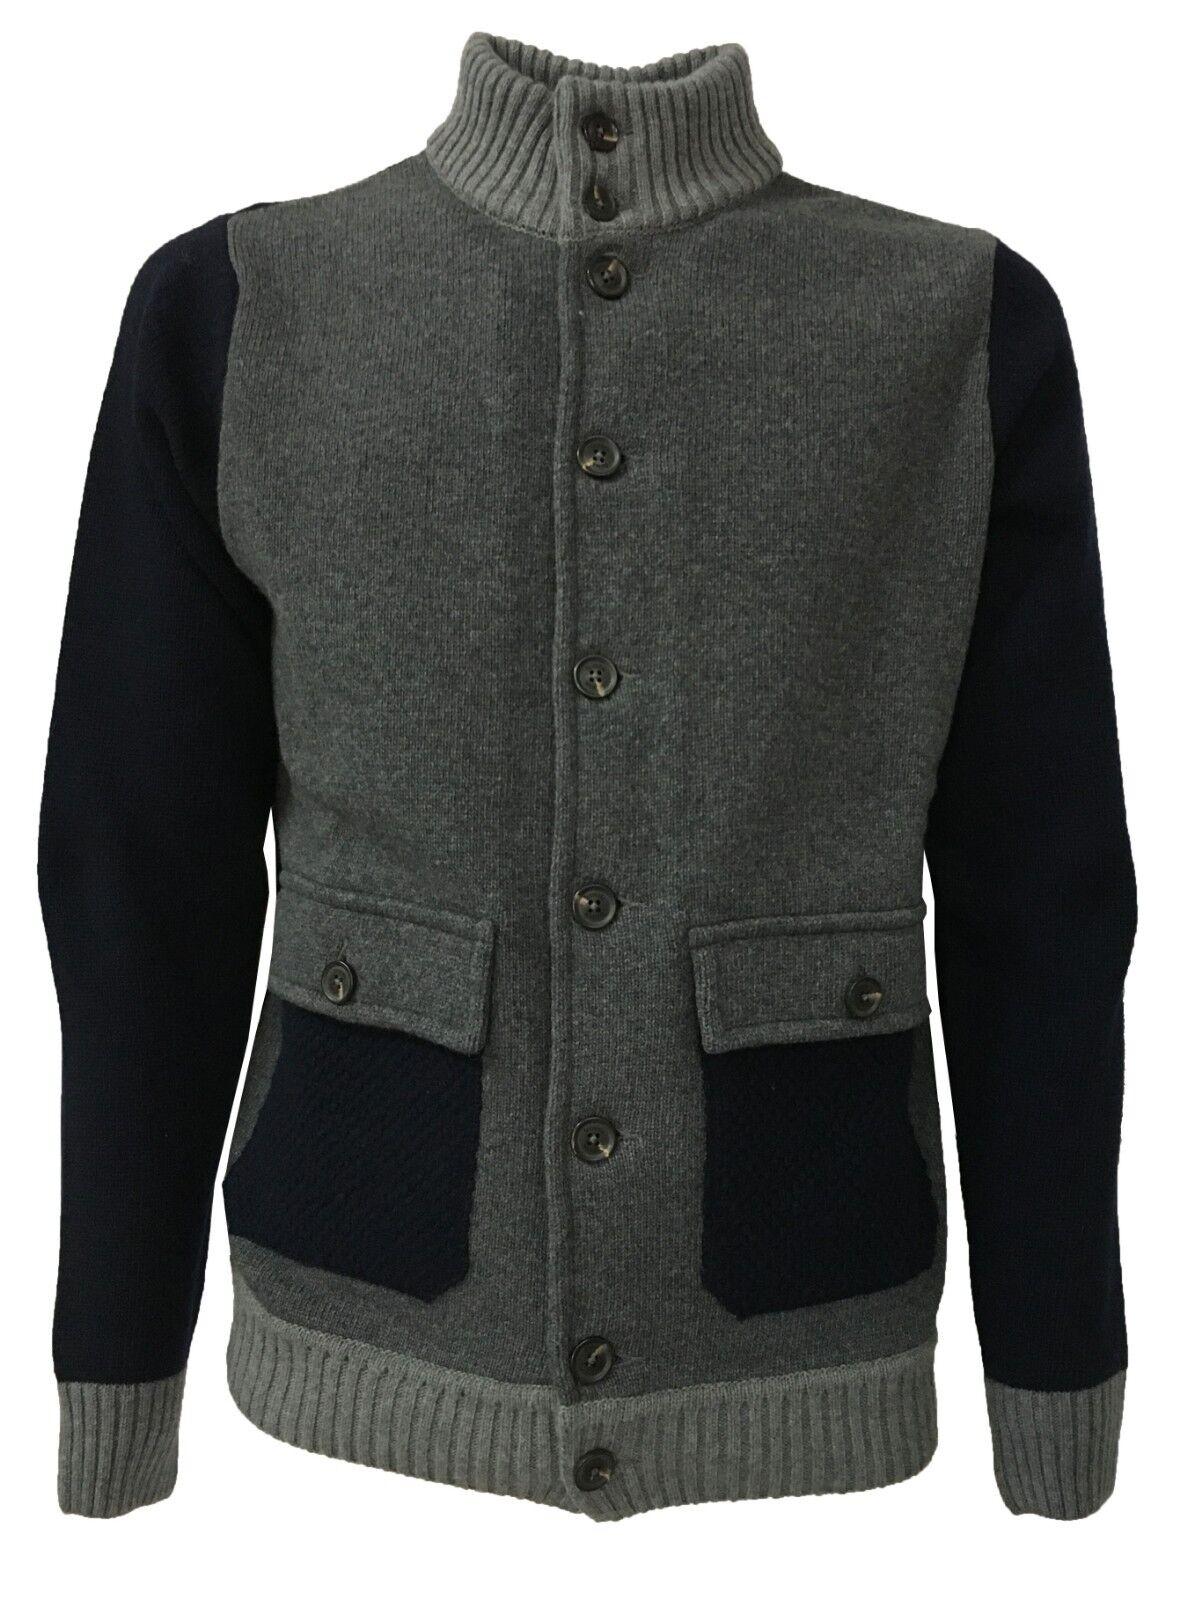 FERRANTE blouson Herren blau/grau Mit Knöpfen und Taschen mod U24001 80% Wolle